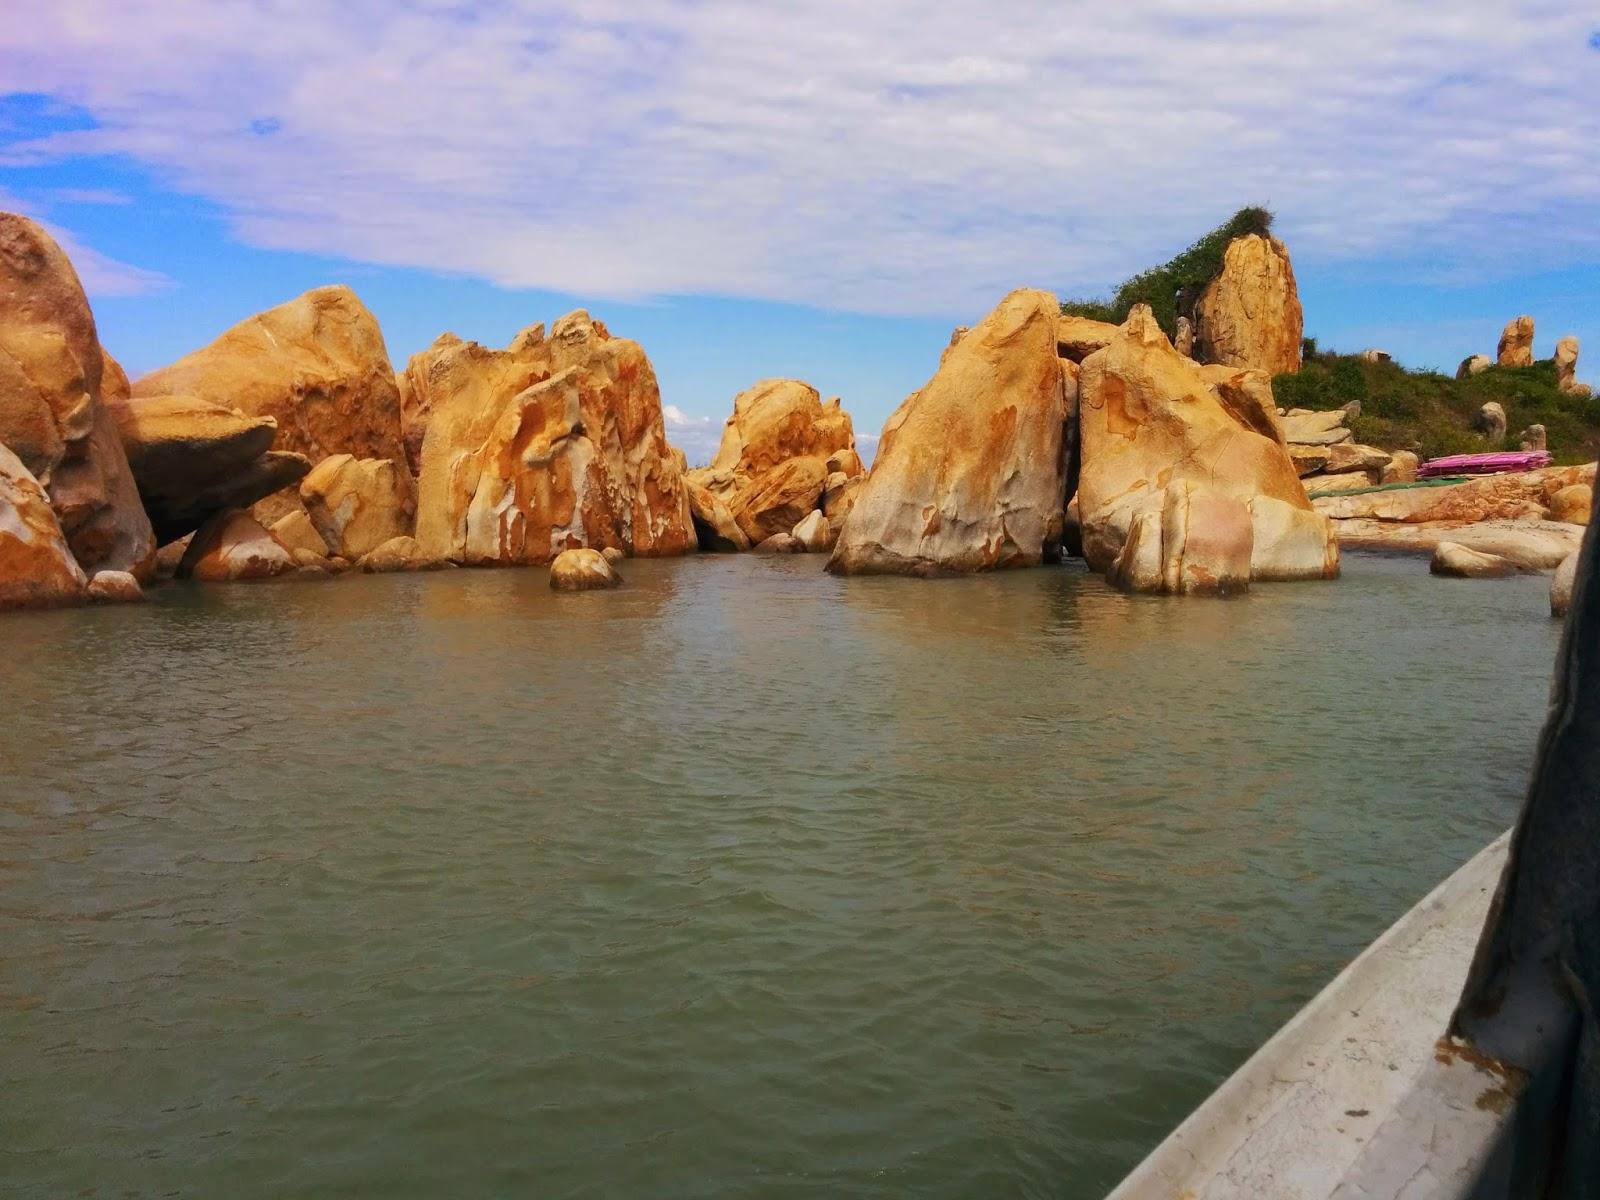 курорты вьетнама описание и фото